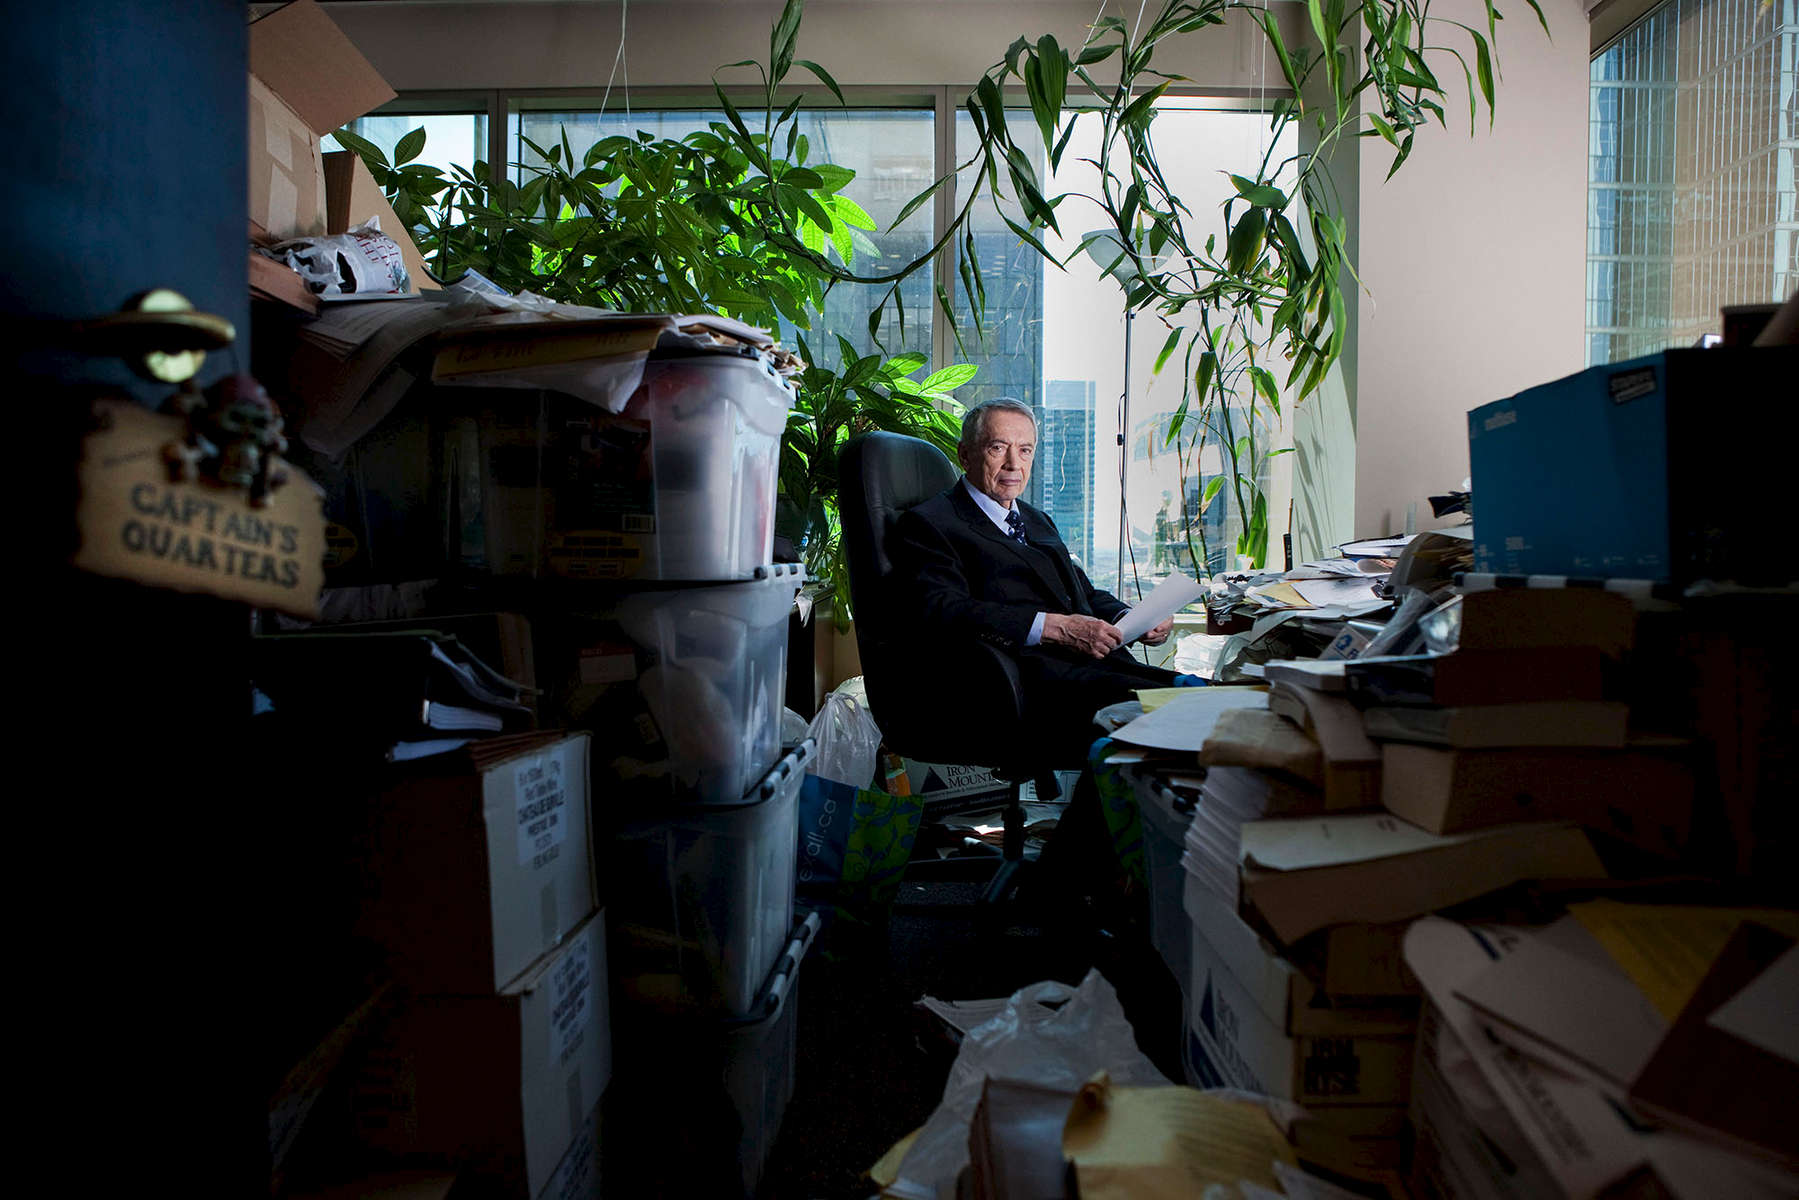 Al Rosen. principal of Rosen & Associates Limited.